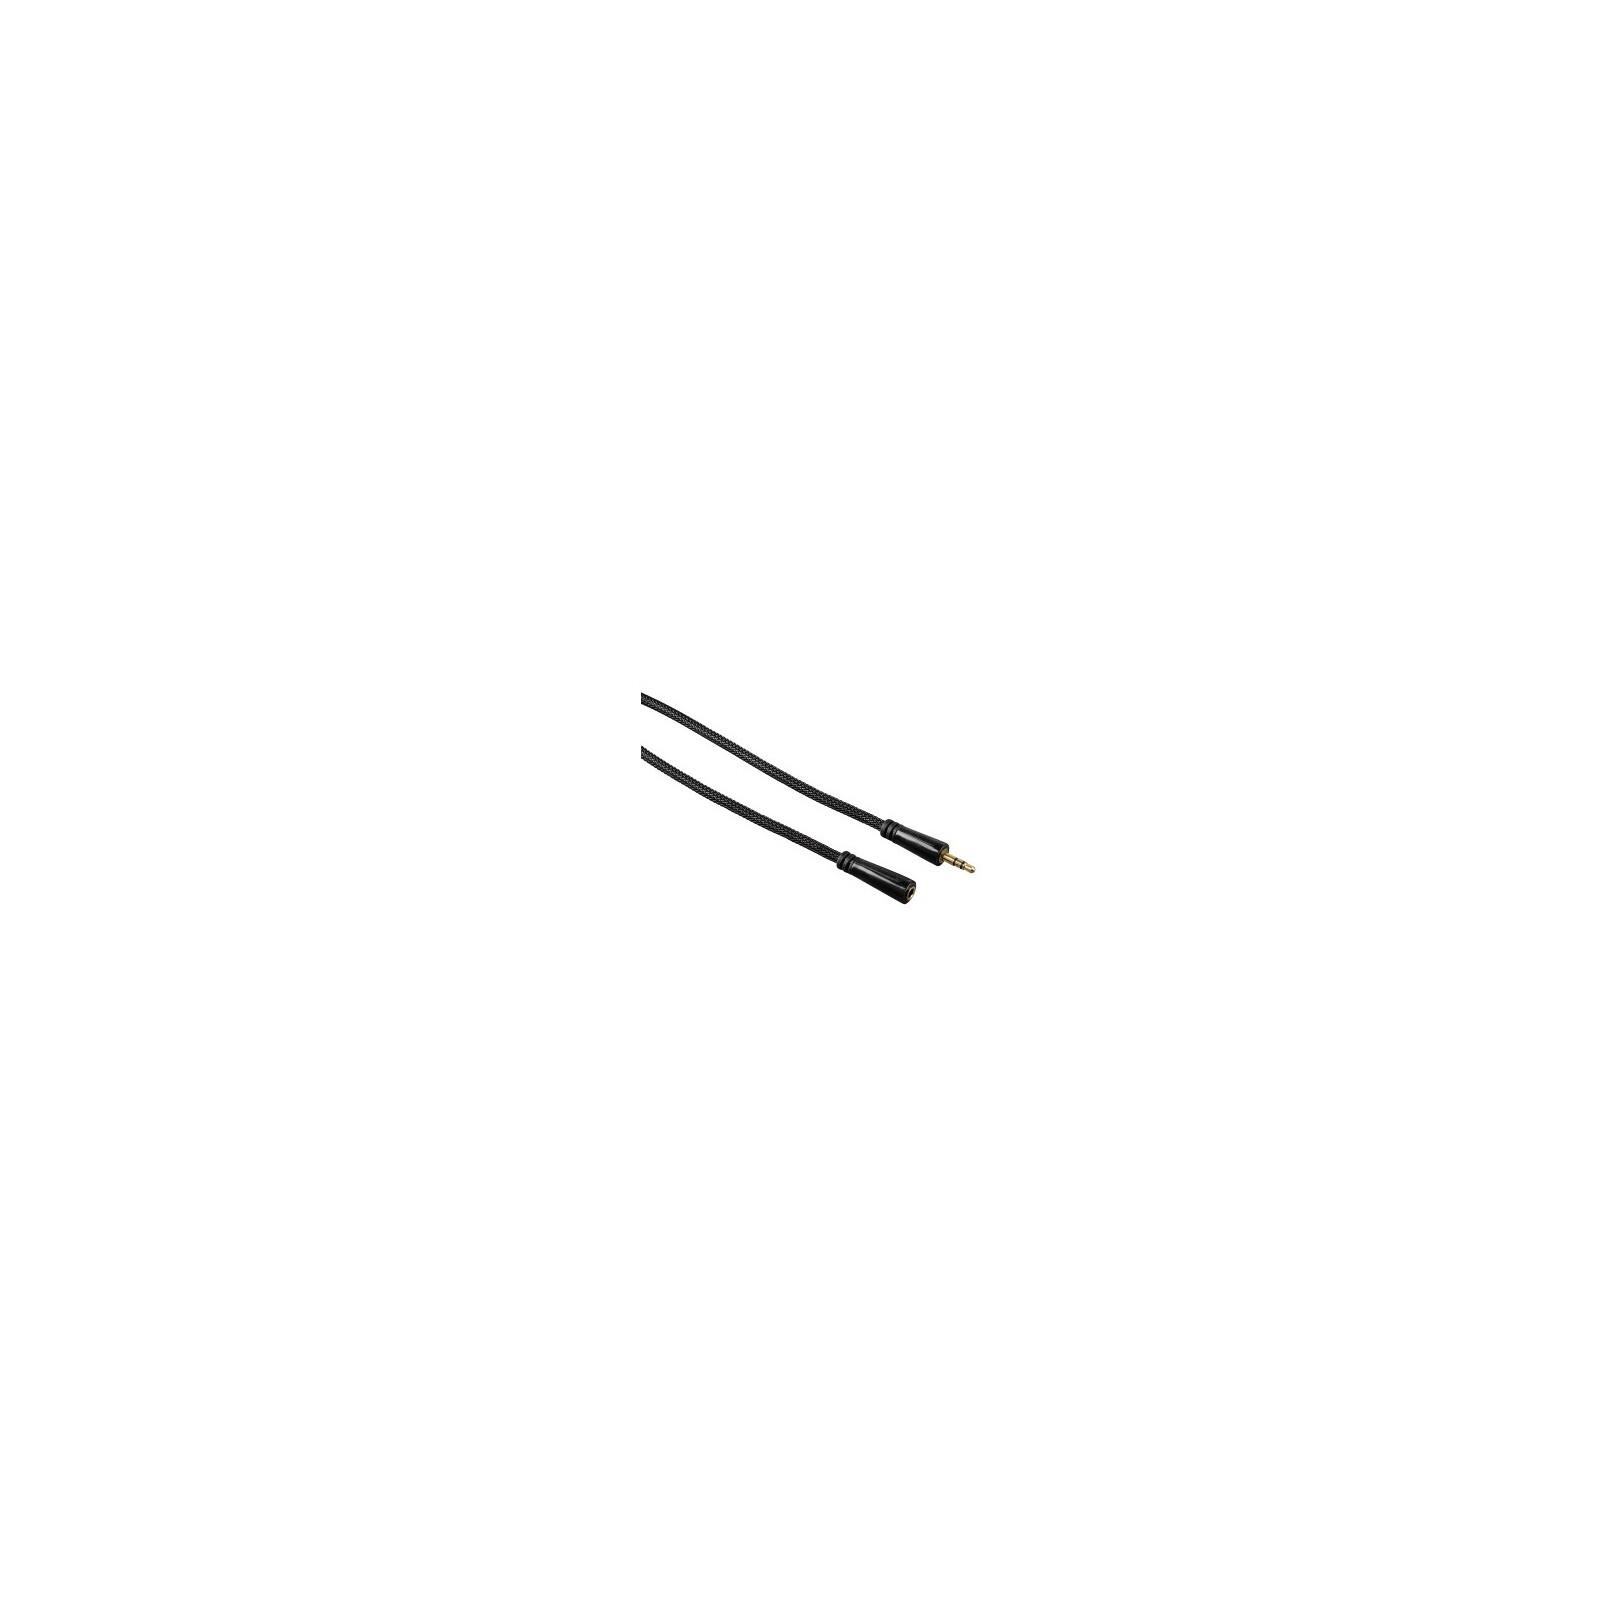 Hama 122322 Audio-Verlängerungskabel vergoldet 5m